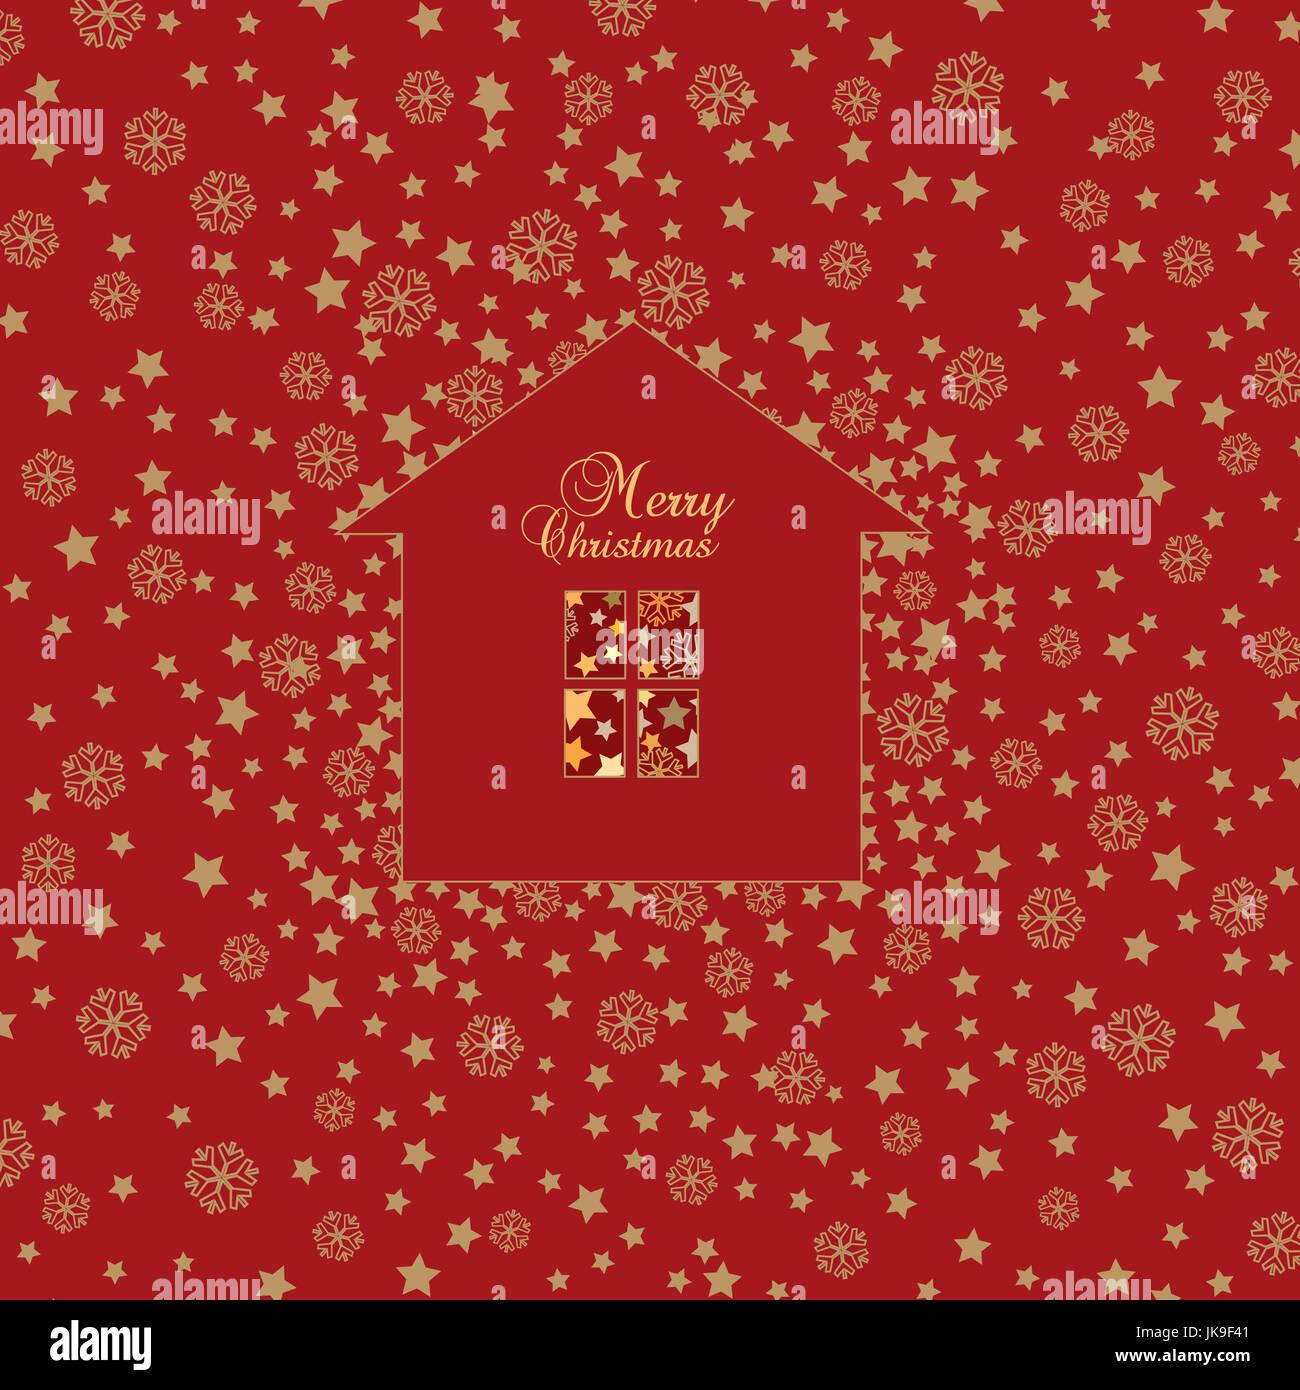 Tannenbaum Mit Schneefall.Weihnachten Schnee Hintergrund Mit Tannenbaum Und Schneefall Happy